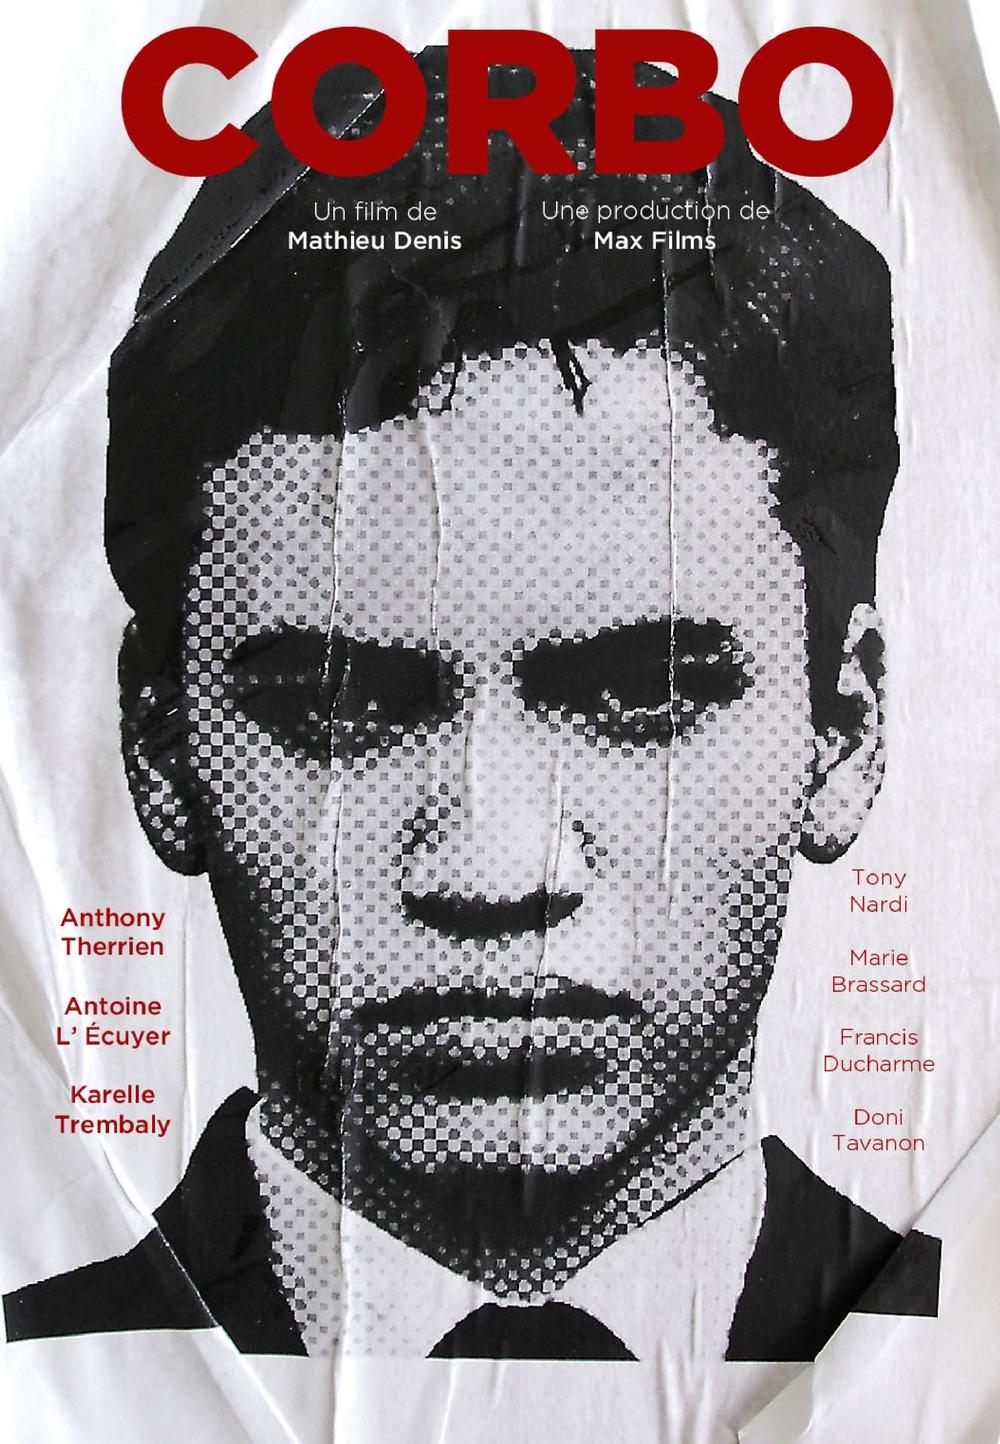 CORBO-Poster-RENZO-27oct_00027.jpg